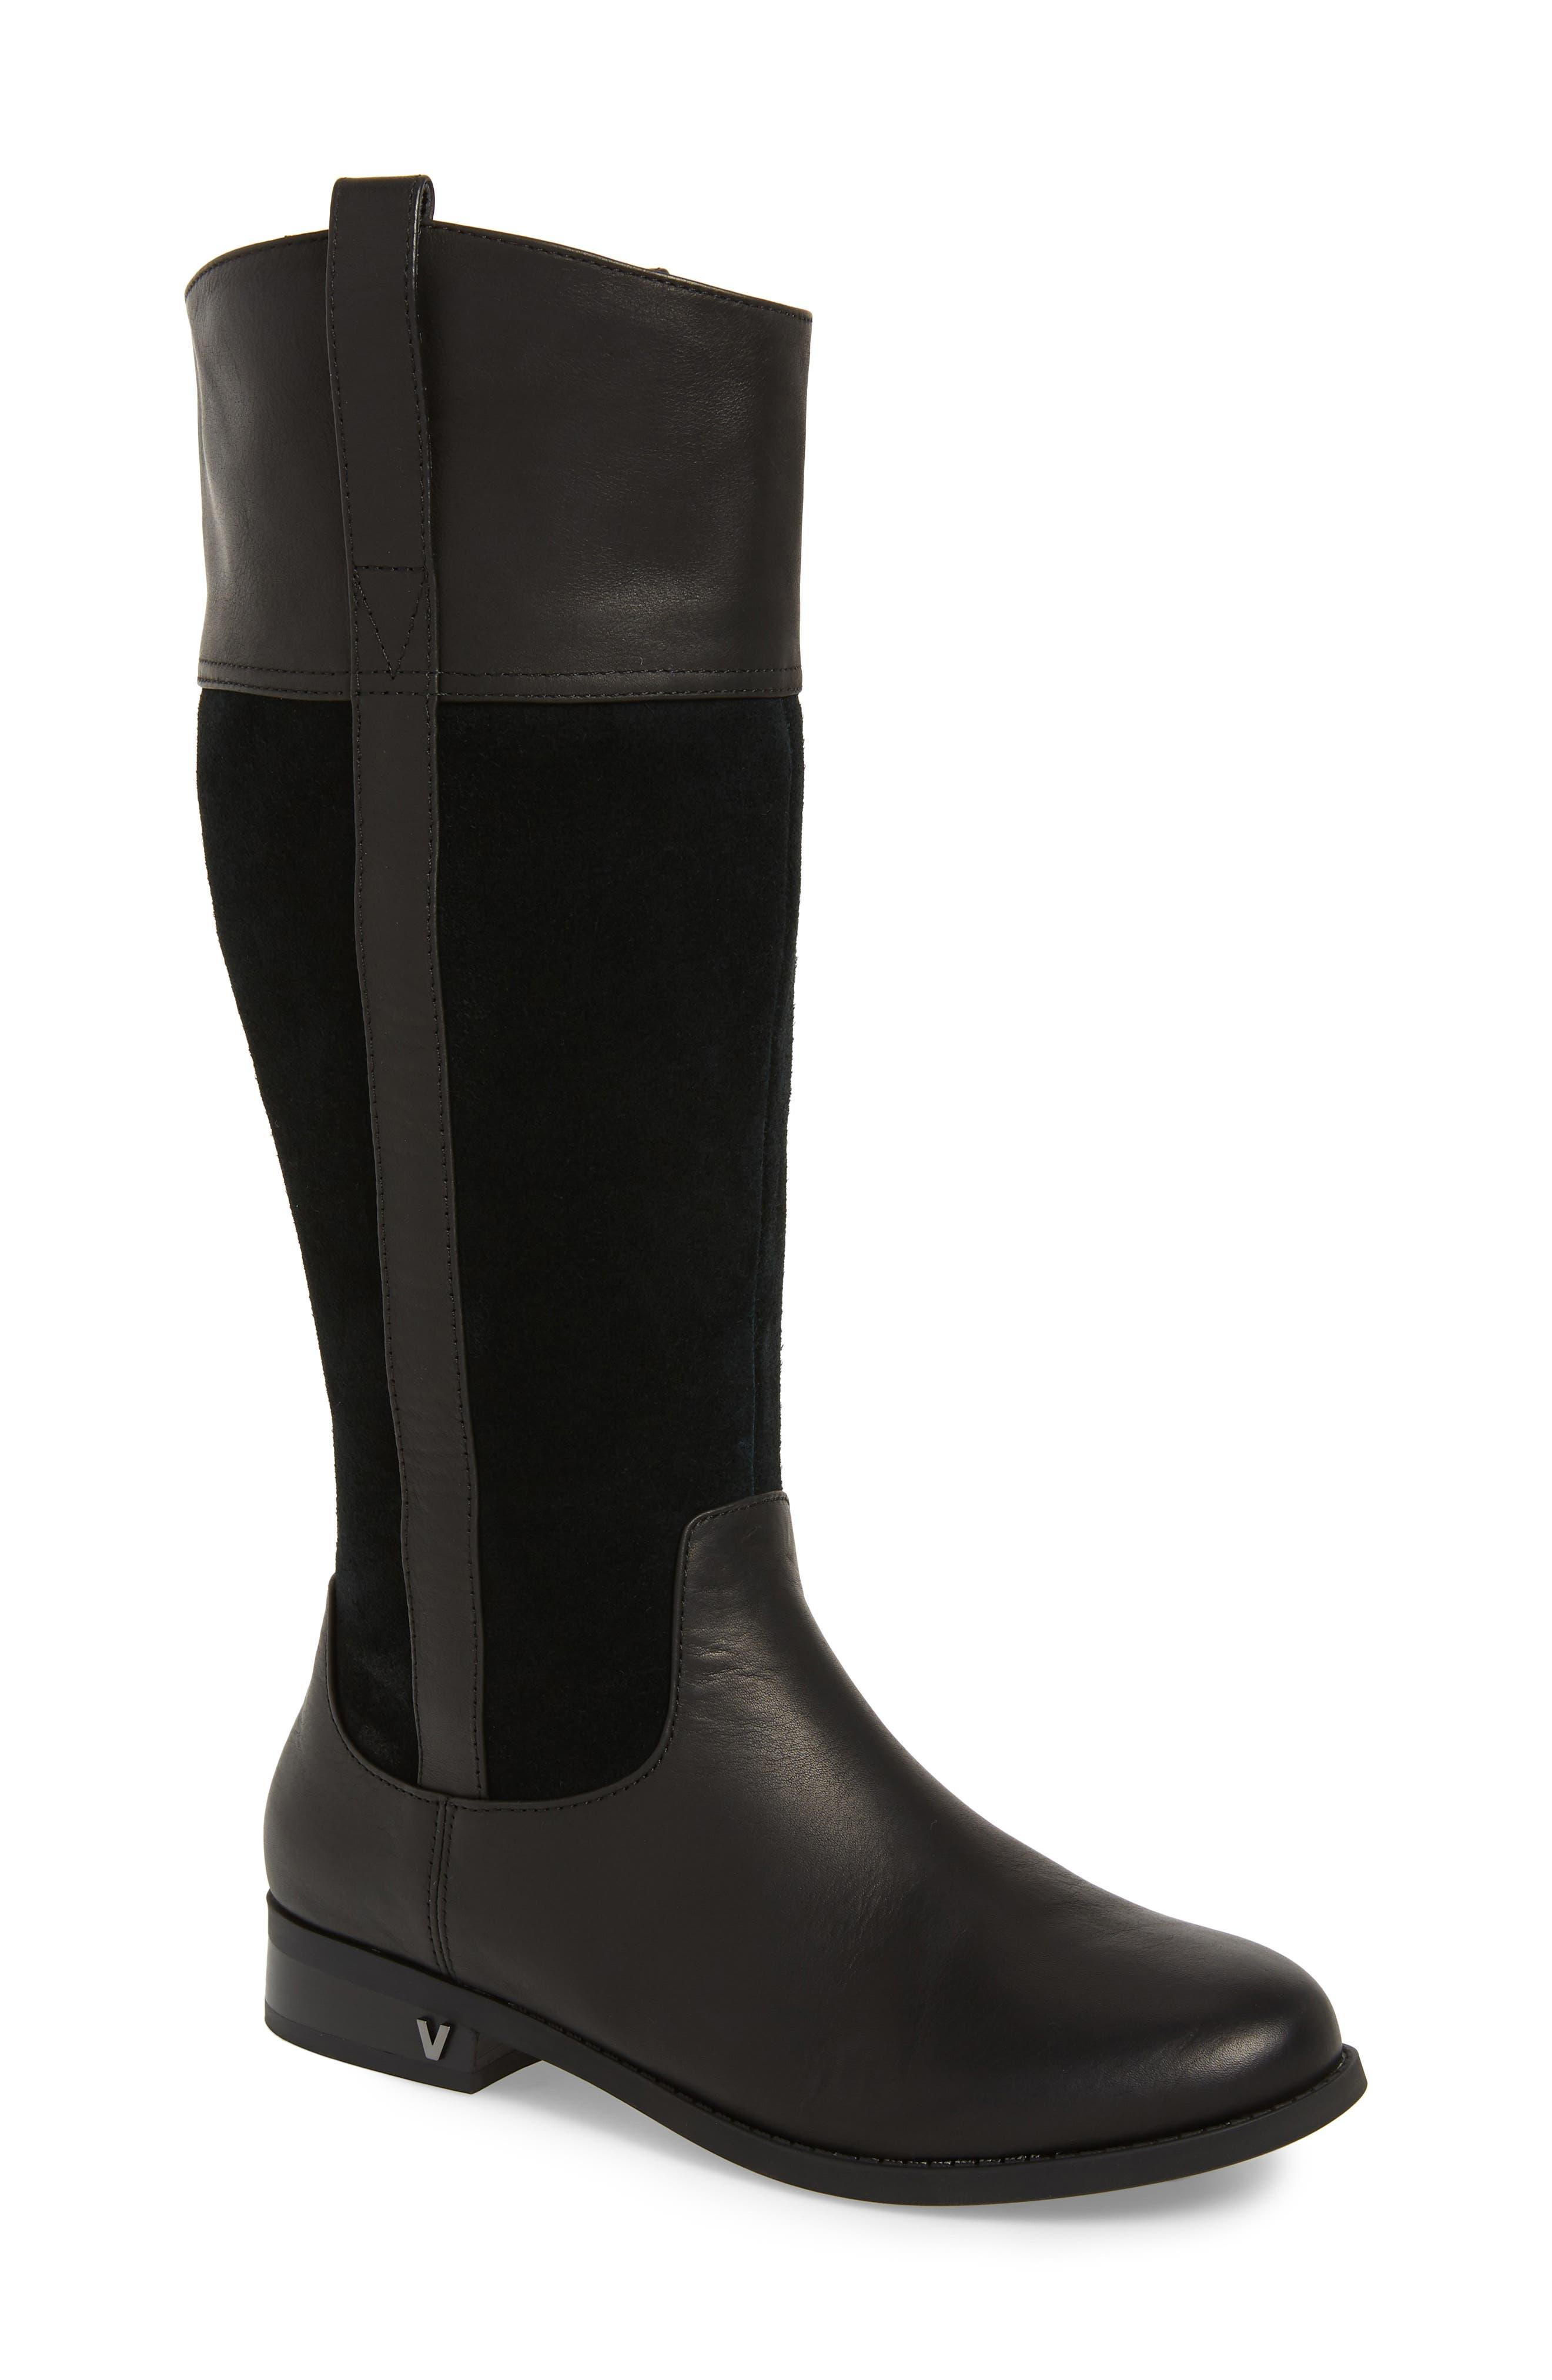 Vionic Downing Boot- Black